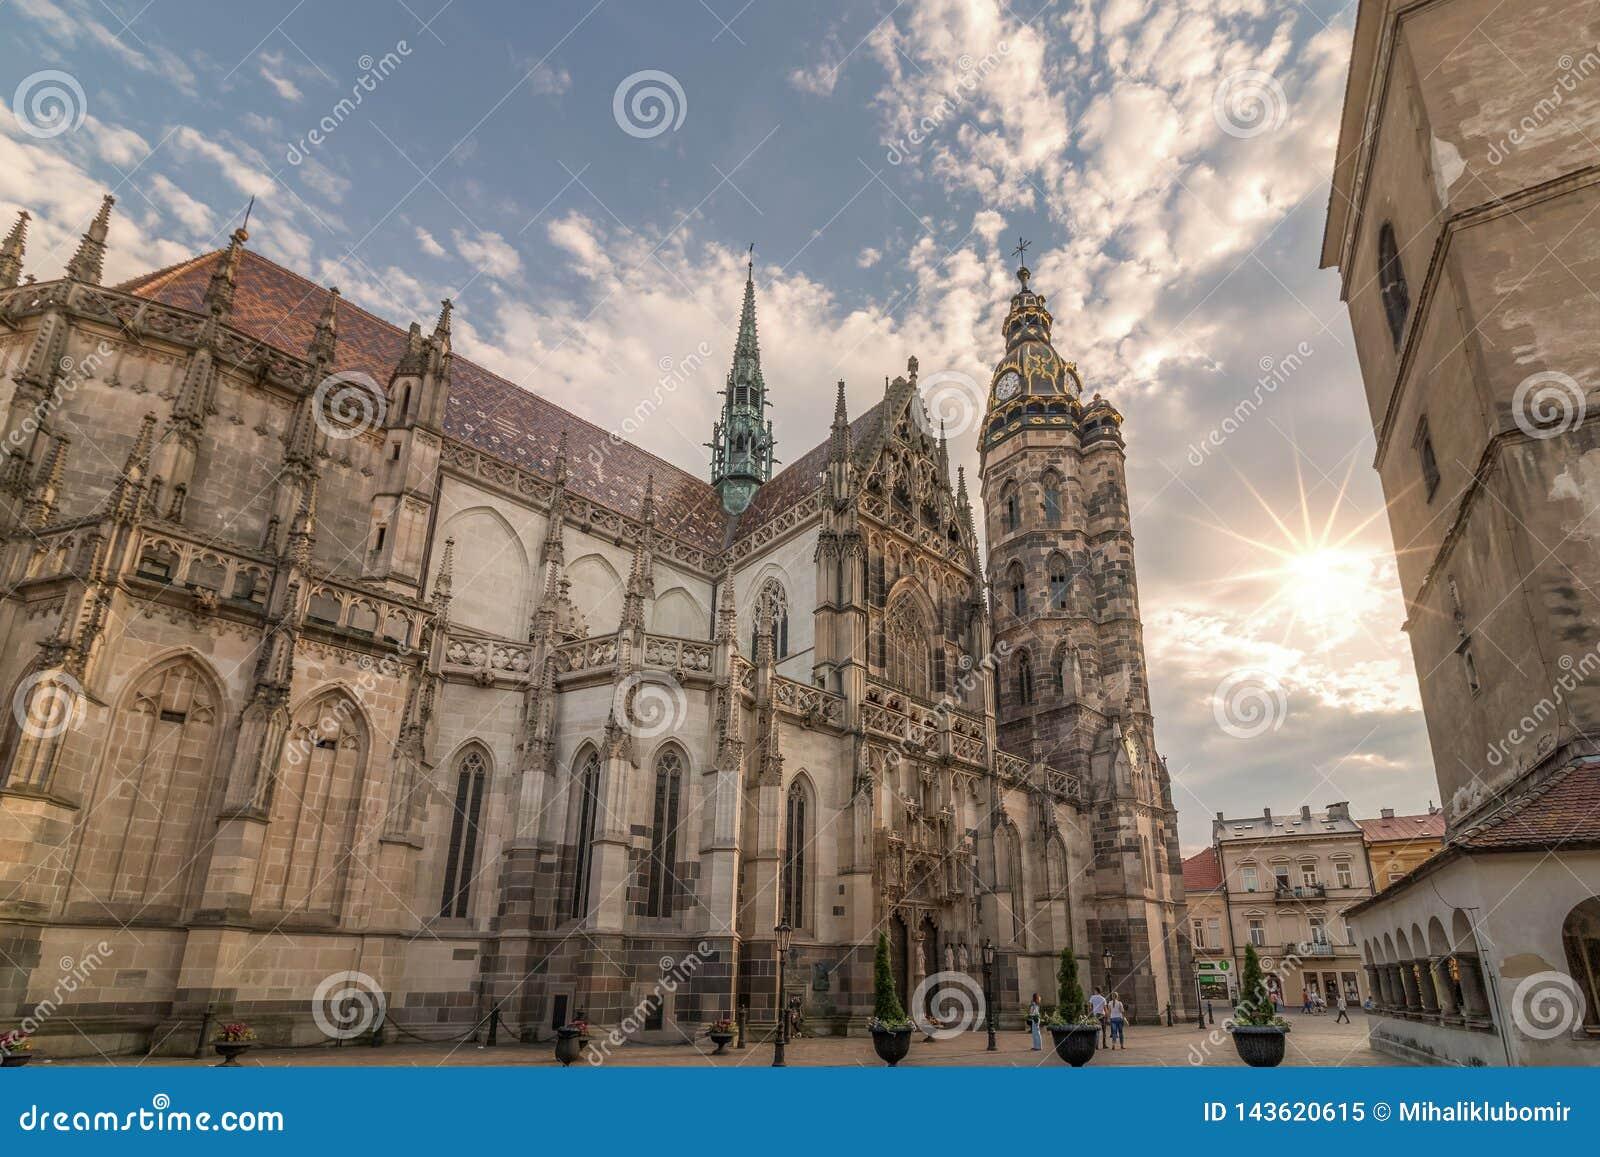 Moment magique et cathédrale majestueuse